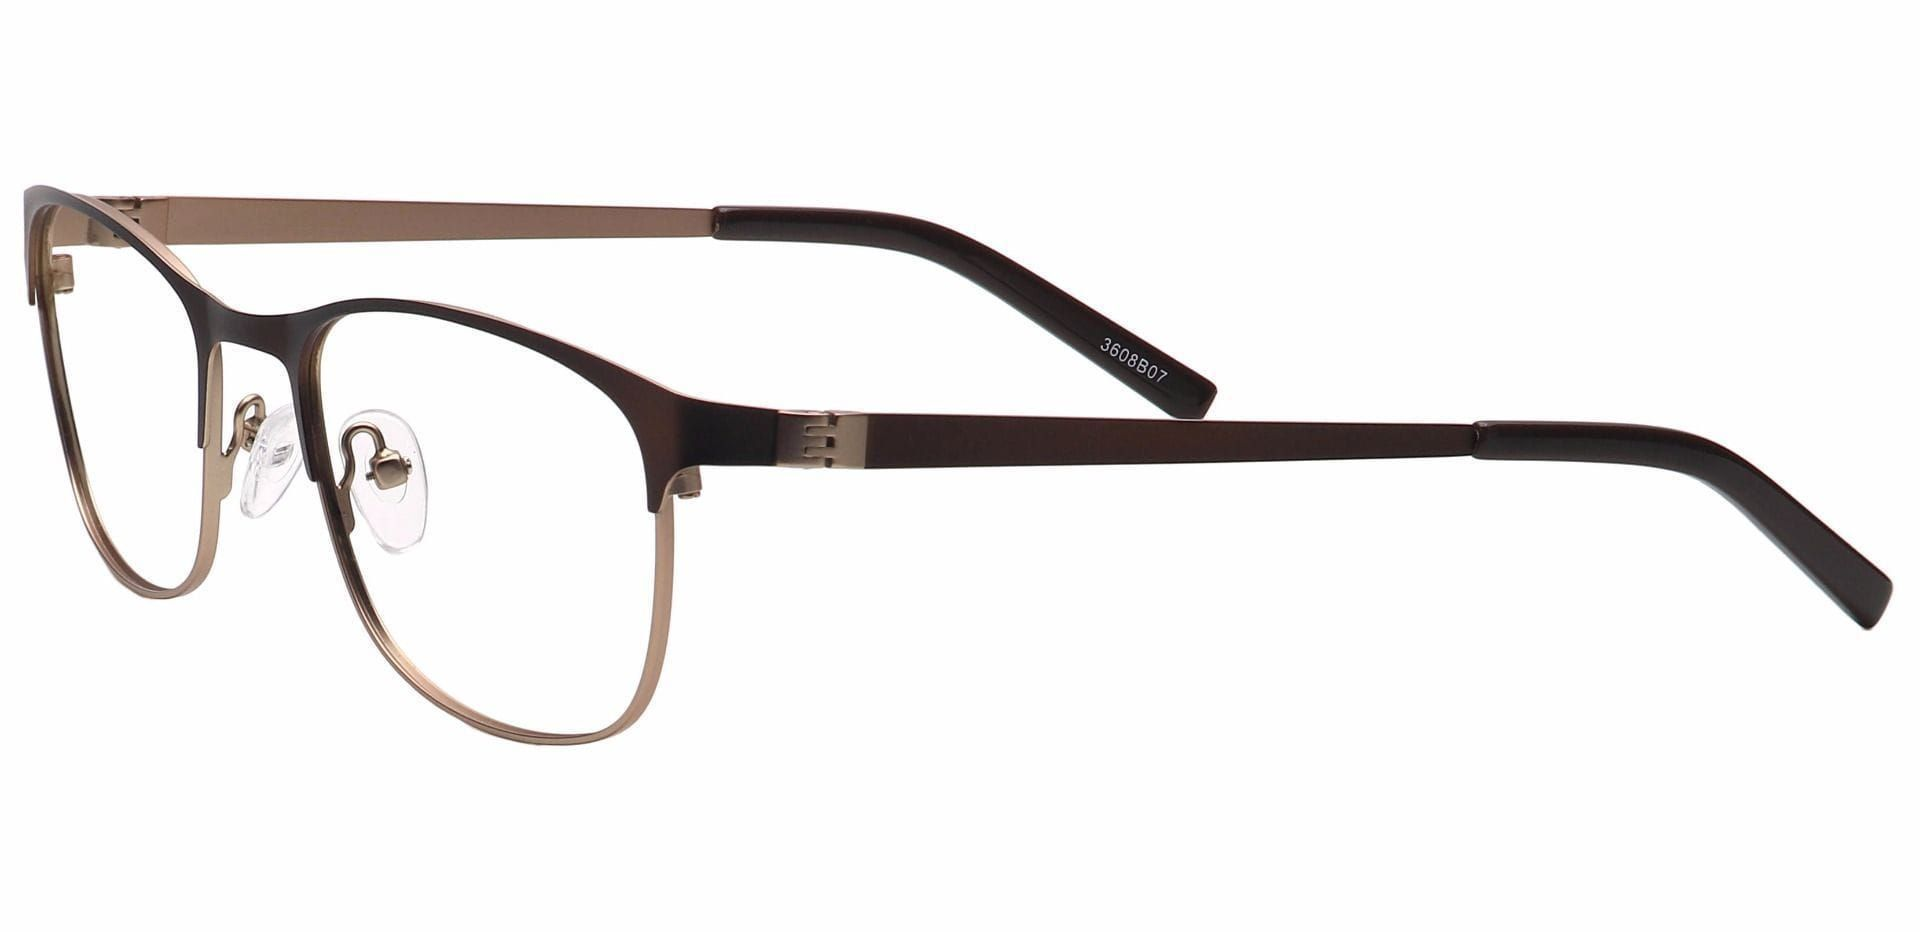 Tona Rectangle Blue Light Blocking Glasses - Brown